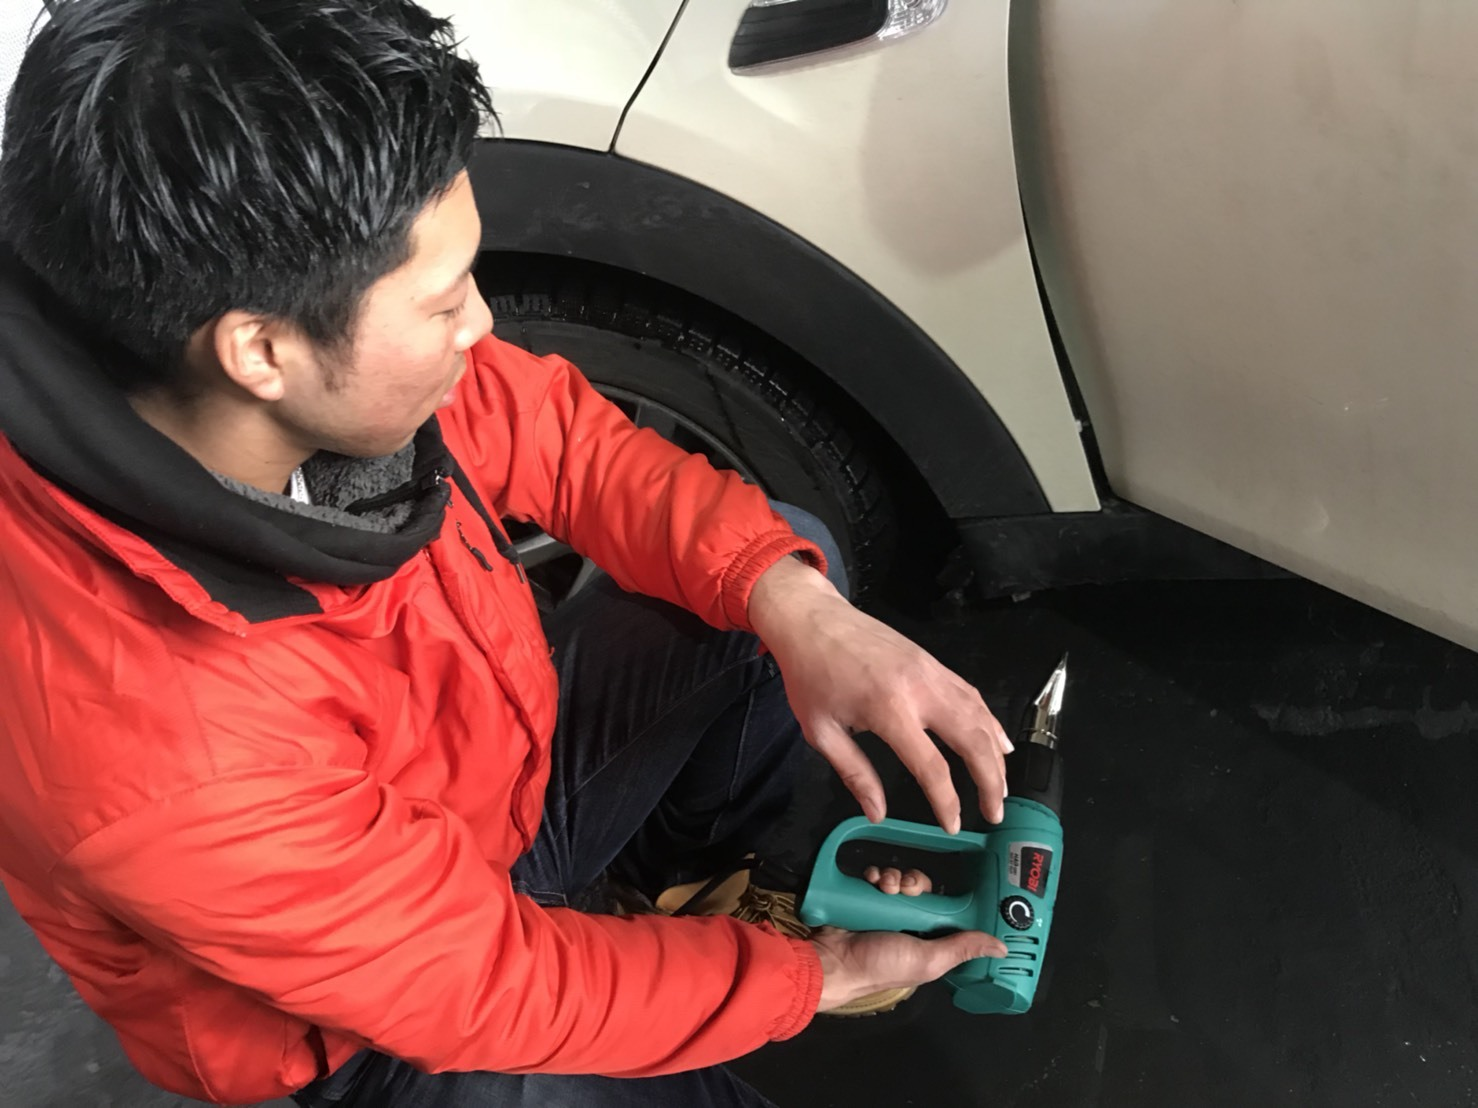 2月26日(月)トミーベース カスタムブログ☆新型QX802台入庫確定☆LS460後期AWD LS600hLエグゼクティブPKGもご紹介していきます☆_b0127002_11243228.jpg